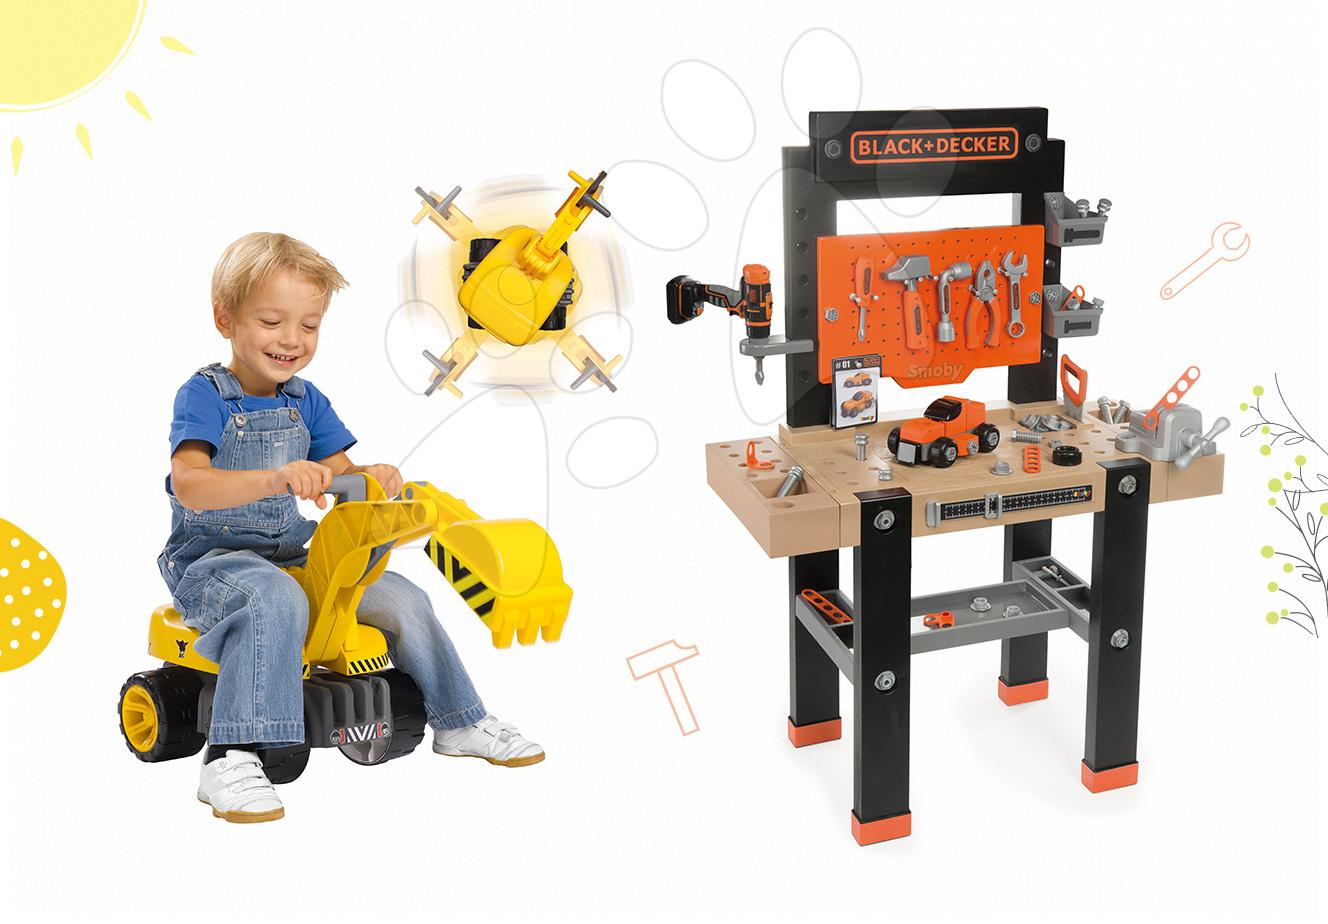 Detská dielňa sety - Set dielňa Black+Decker Smoby s vŕtačkou a bager Maxi Power so sedadlom